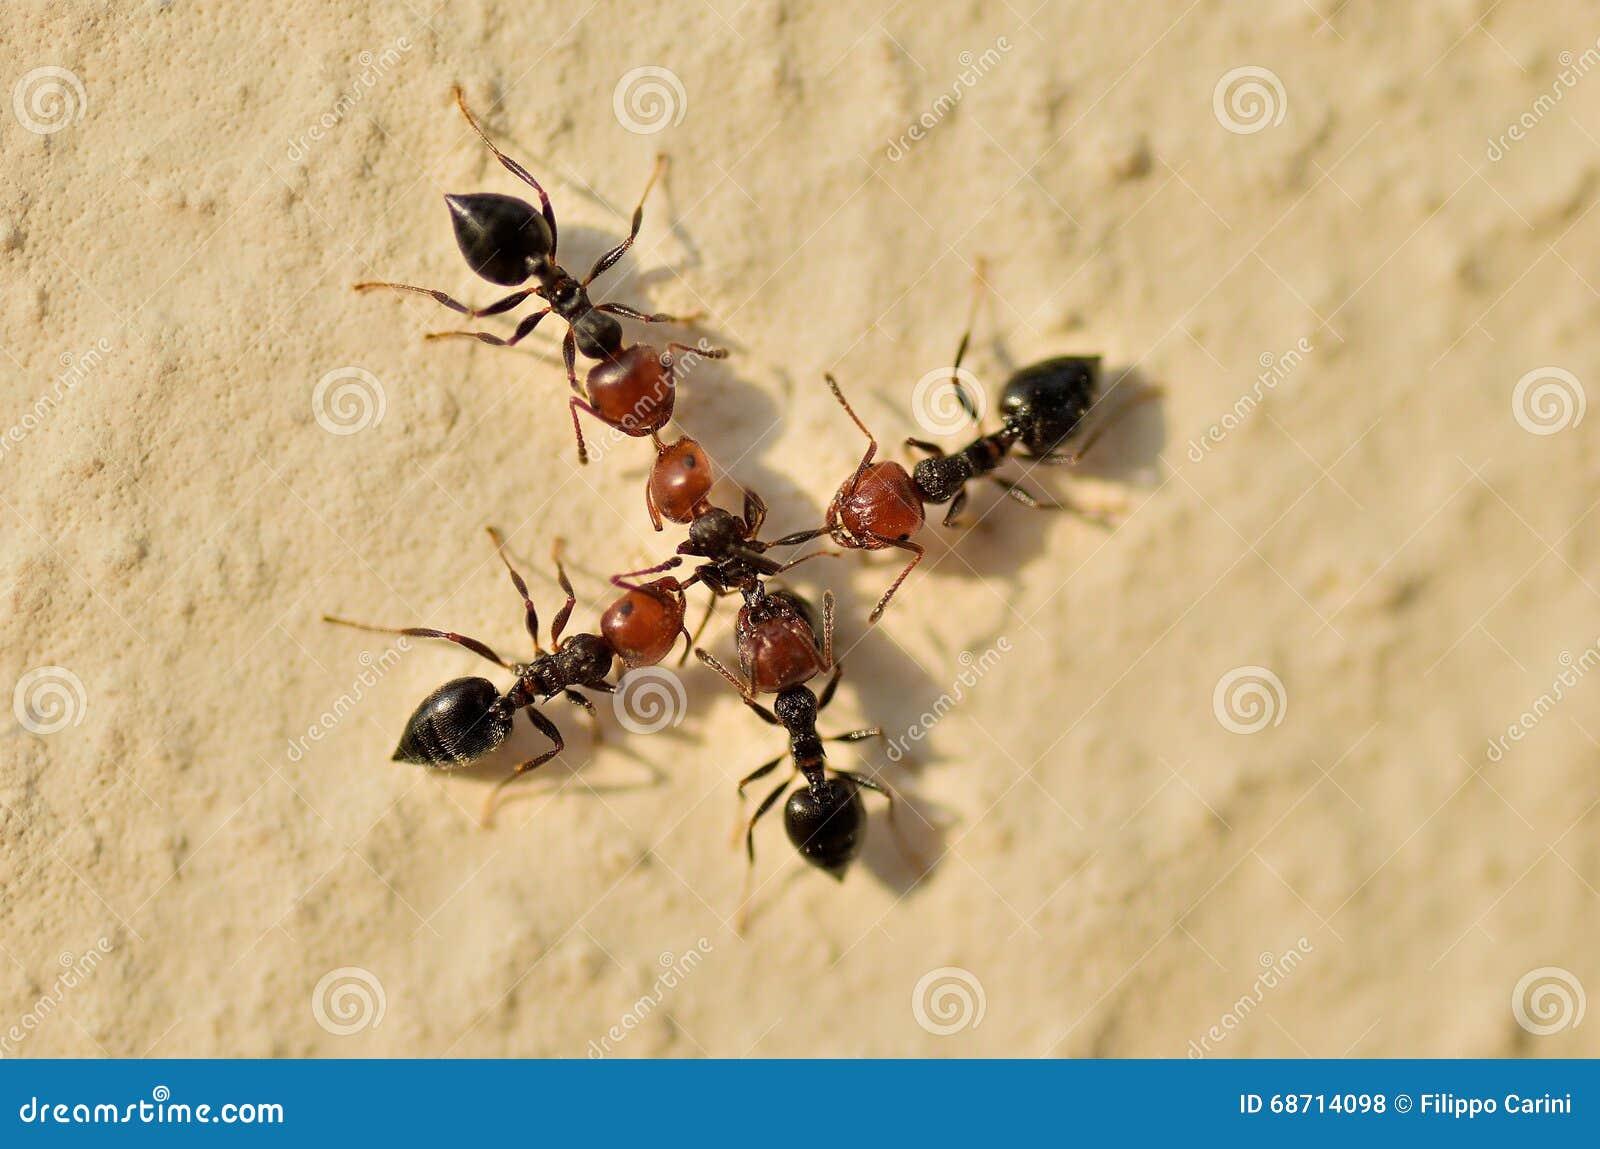 Ameisen Krieg